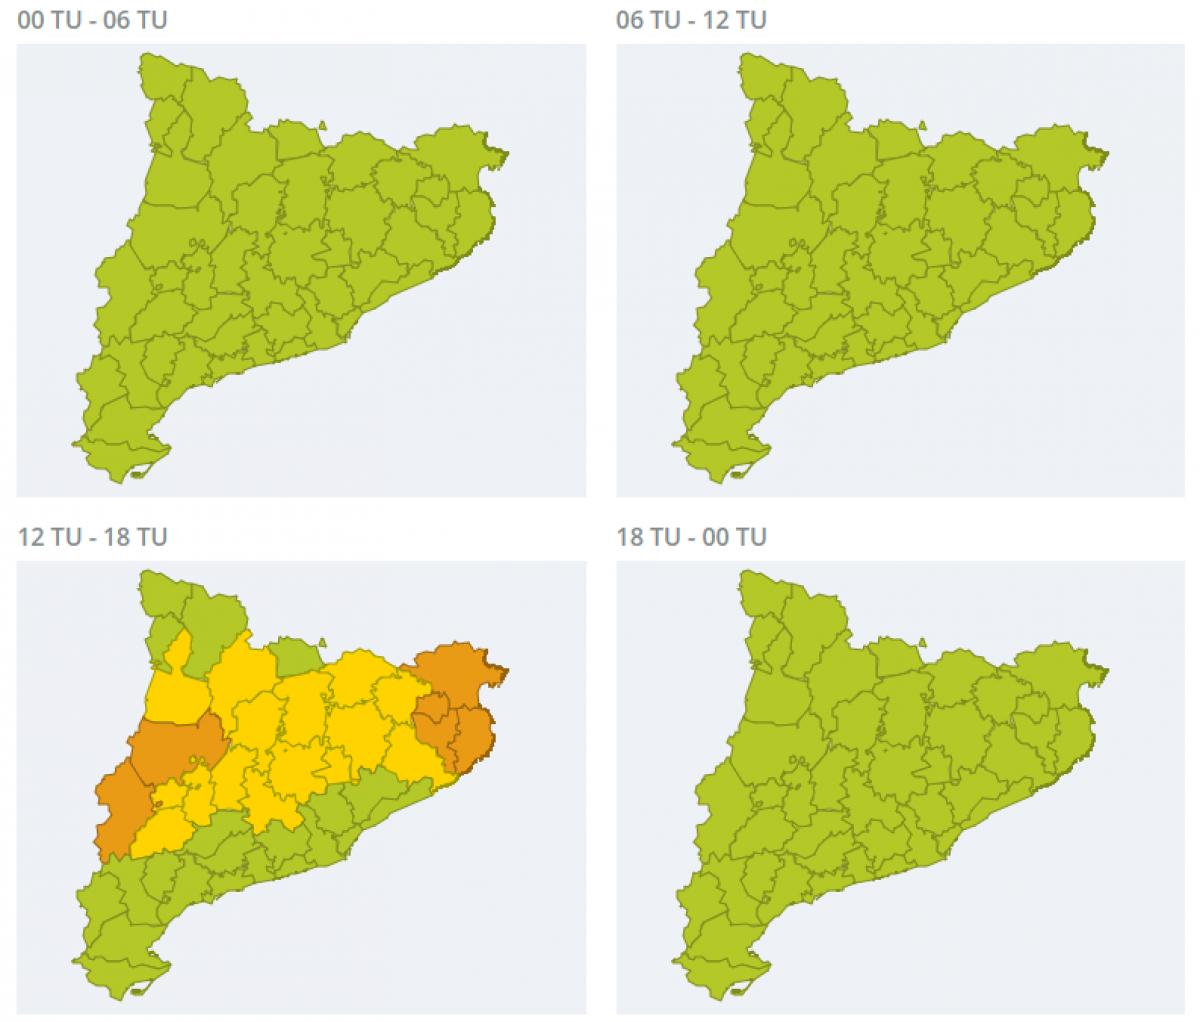 Mapa d'alertes per calor extrema aquest divendres